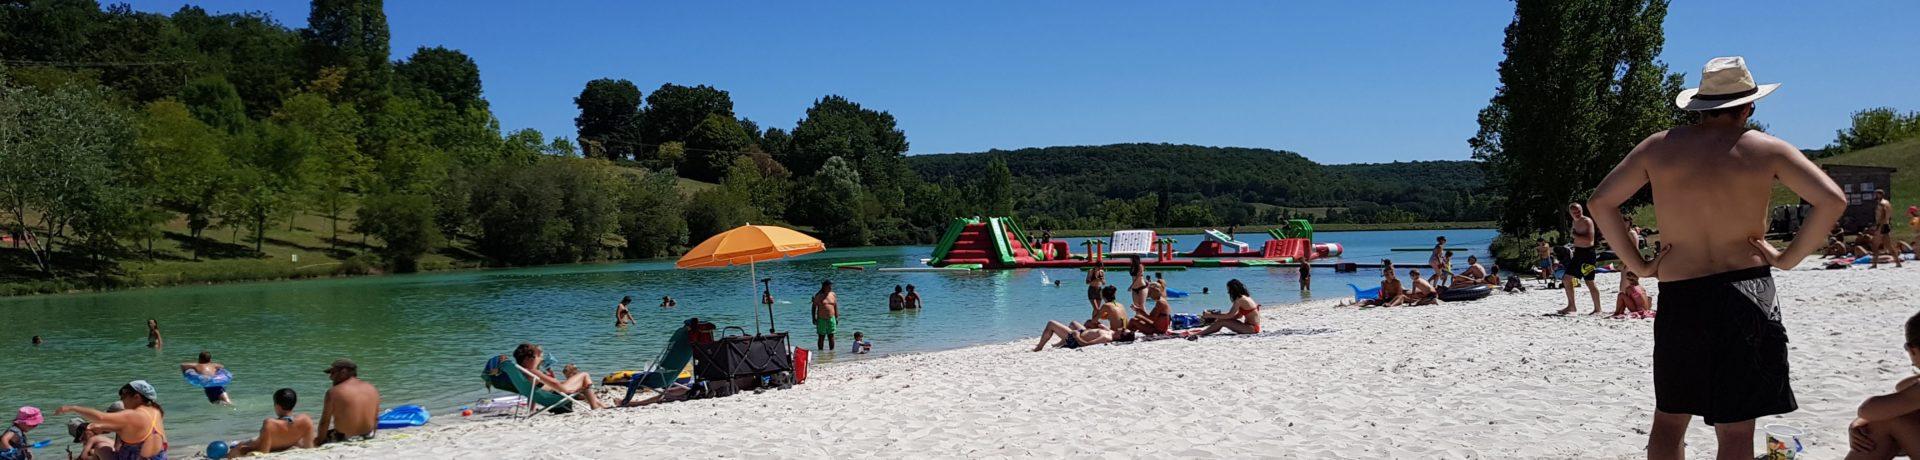 Camping Des Arcades is een gezellige familiecamping met zwembad in de Lot (Midi-Pyrénées) in Zuid-Frankrijk. Kindvriendelijk, safaritenten, restaurant, bar.